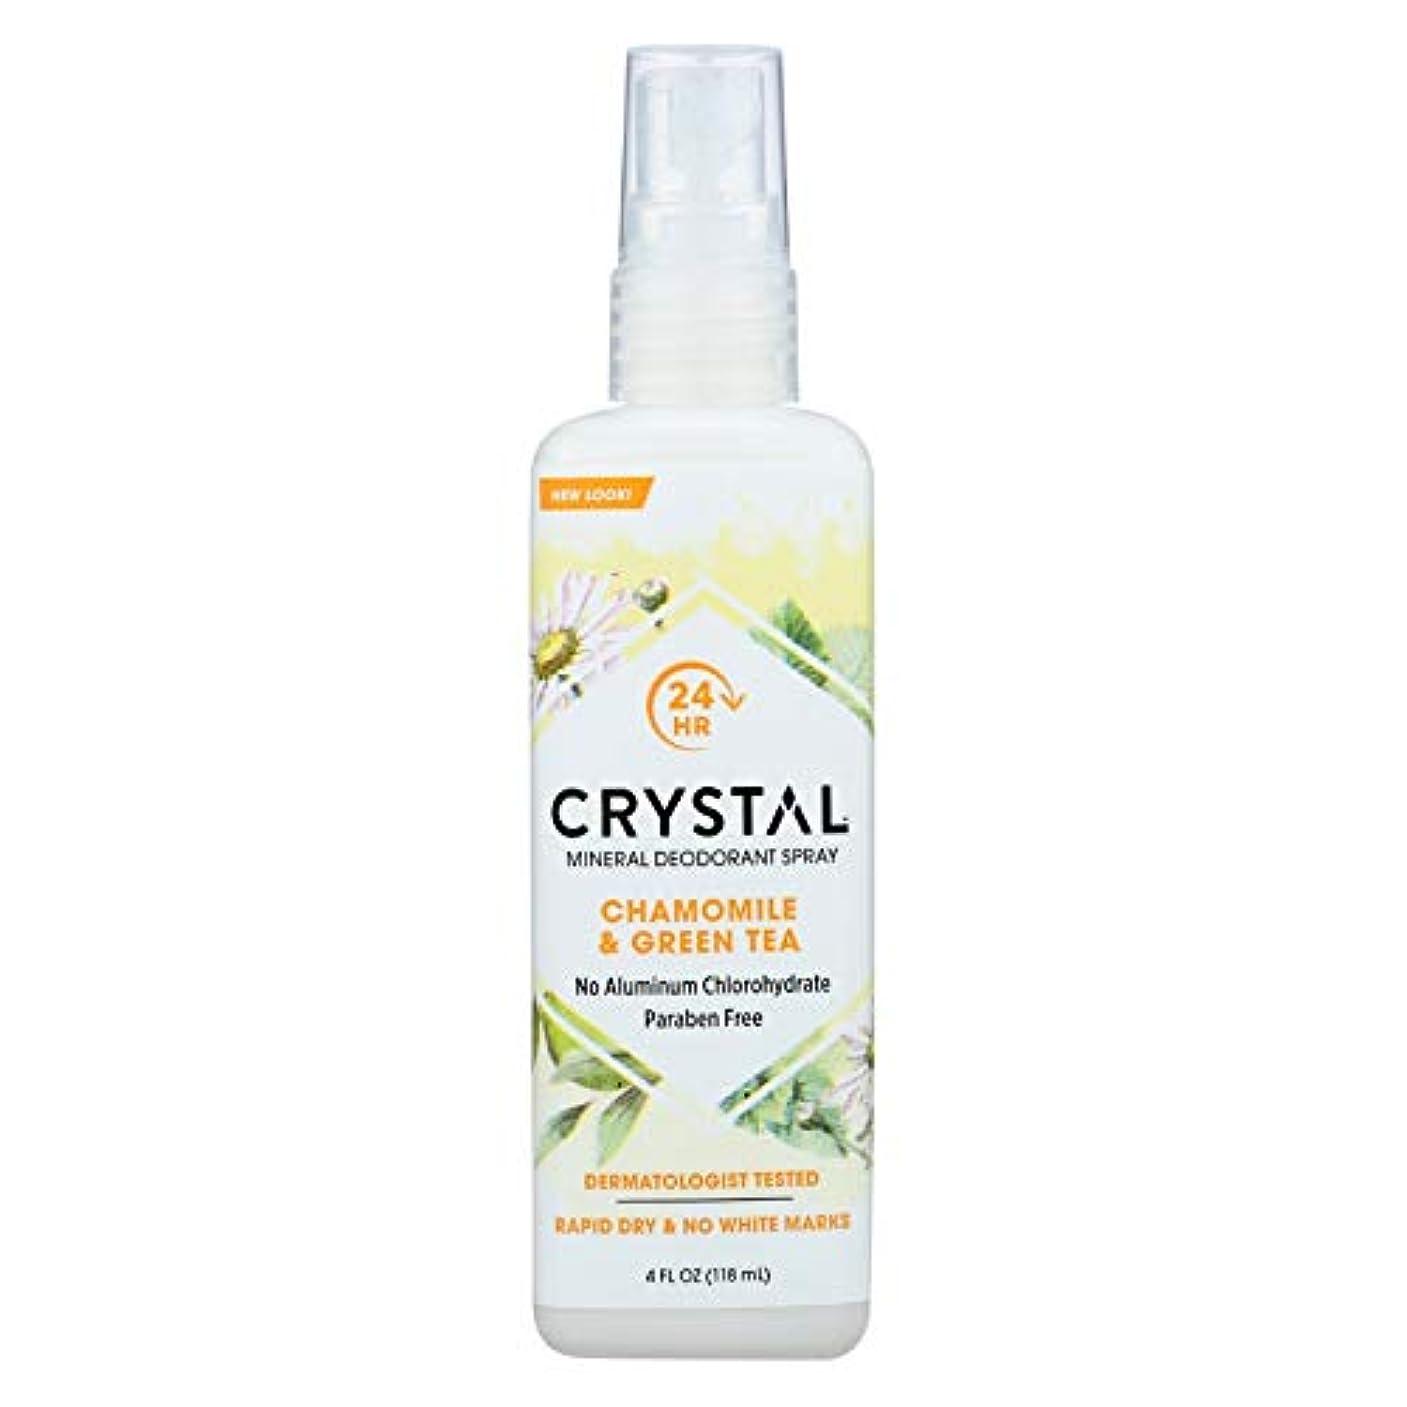 ドレスリング本当のことを言うとCrystal Body Deodorant - 水晶本質のフランスの運輸Chamomile及び緑茶によるミネラル防臭剤ボディスプレー - 4ポンド